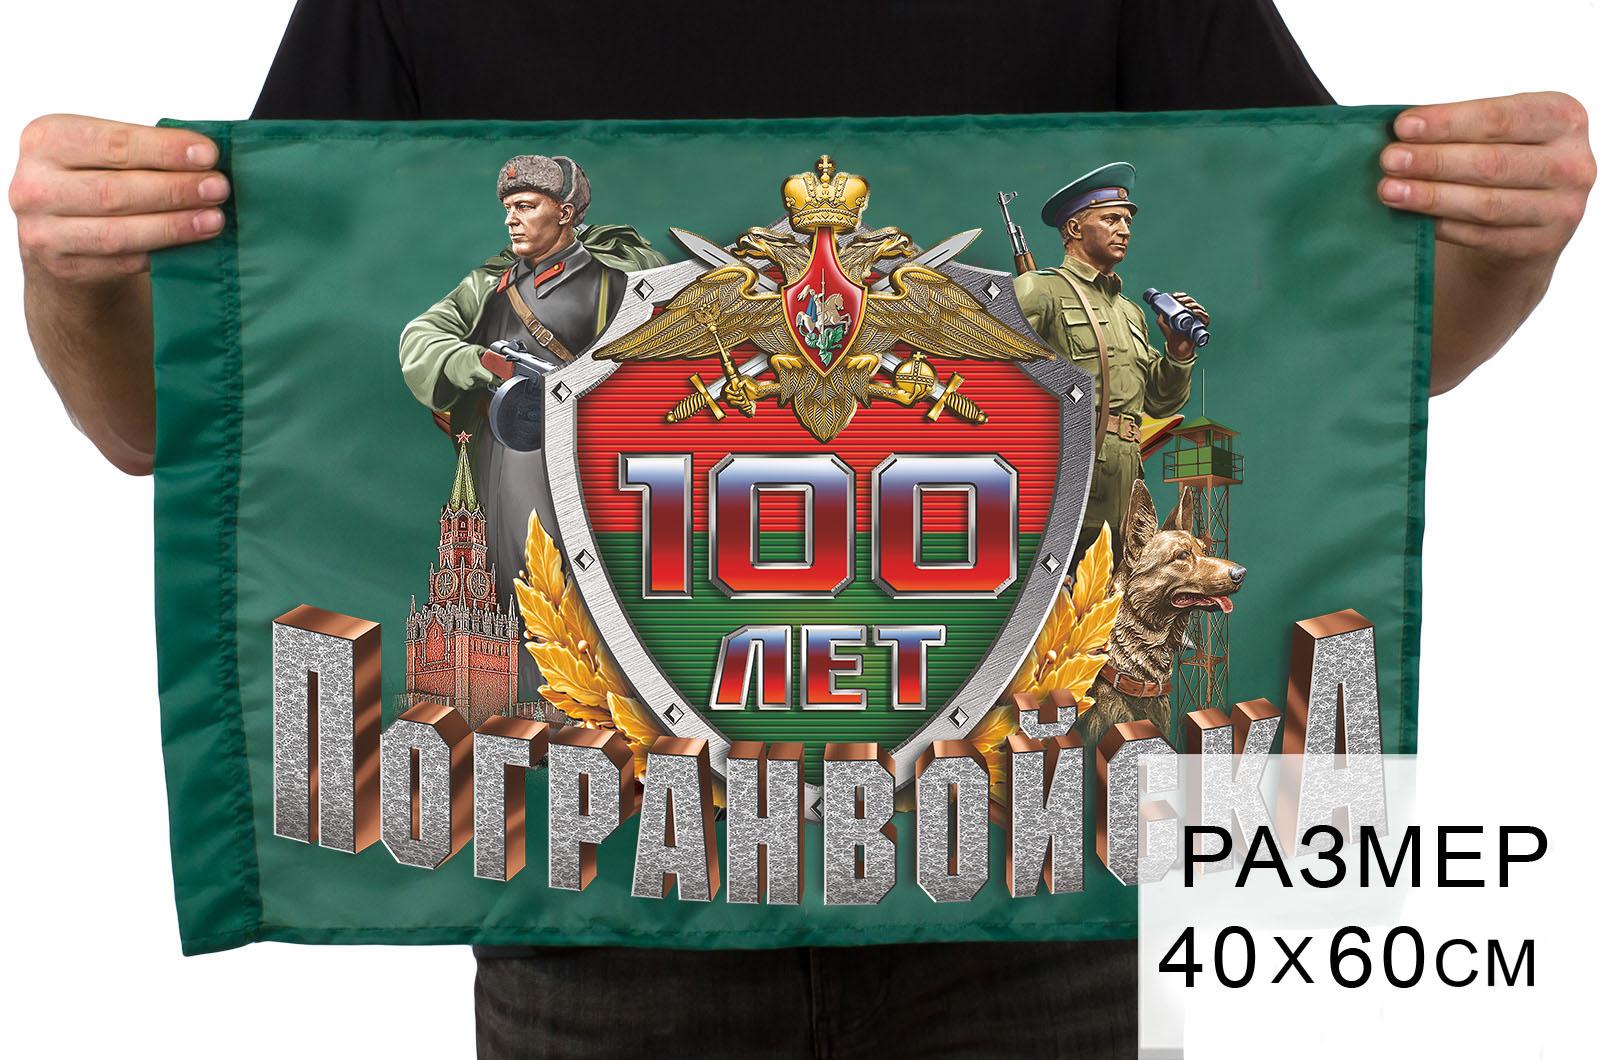 Купить флаг к 100-летнему юбилею Погранвойск в военторге Военпро